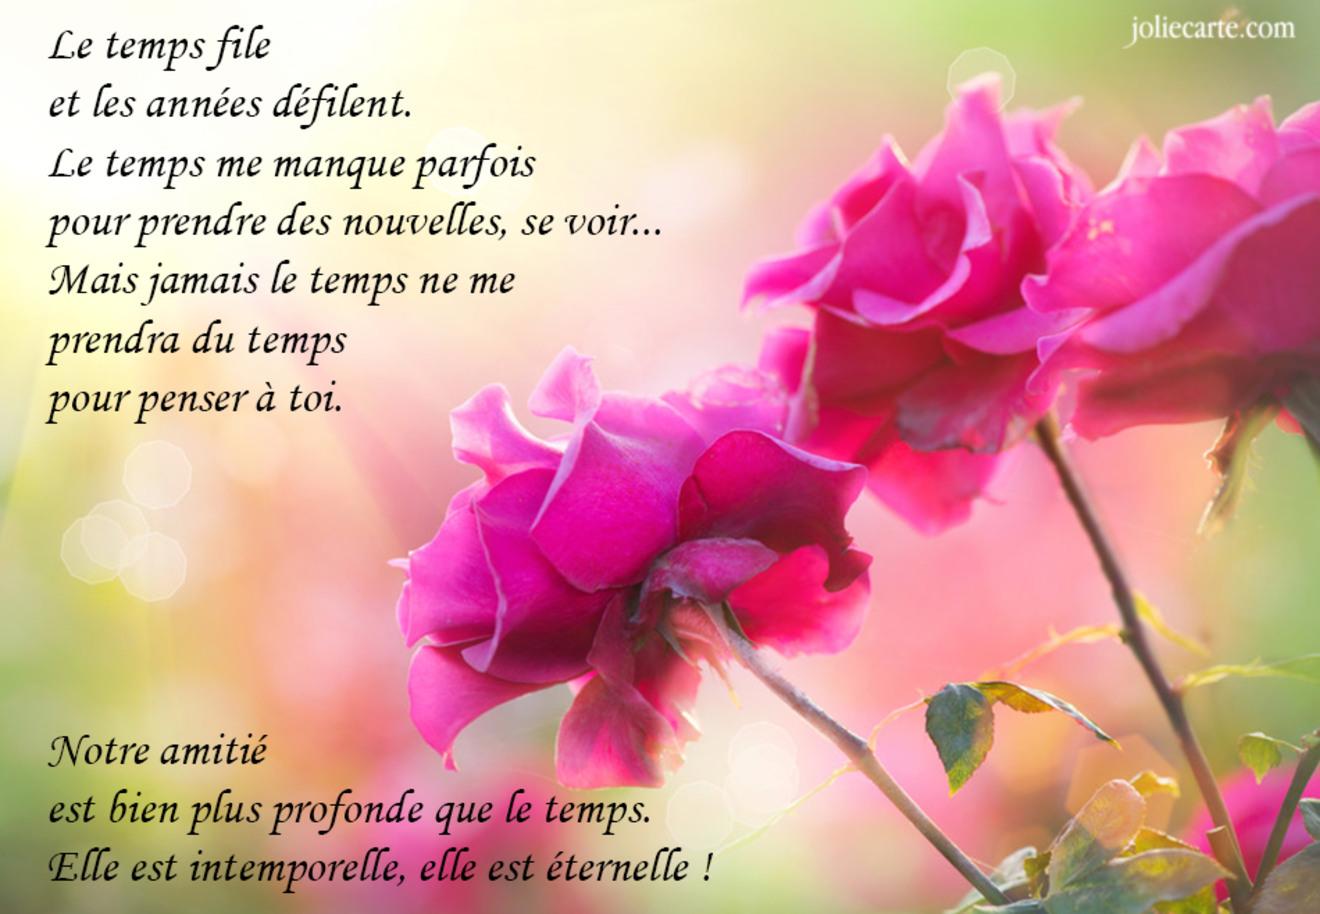 Carte amitie poeme